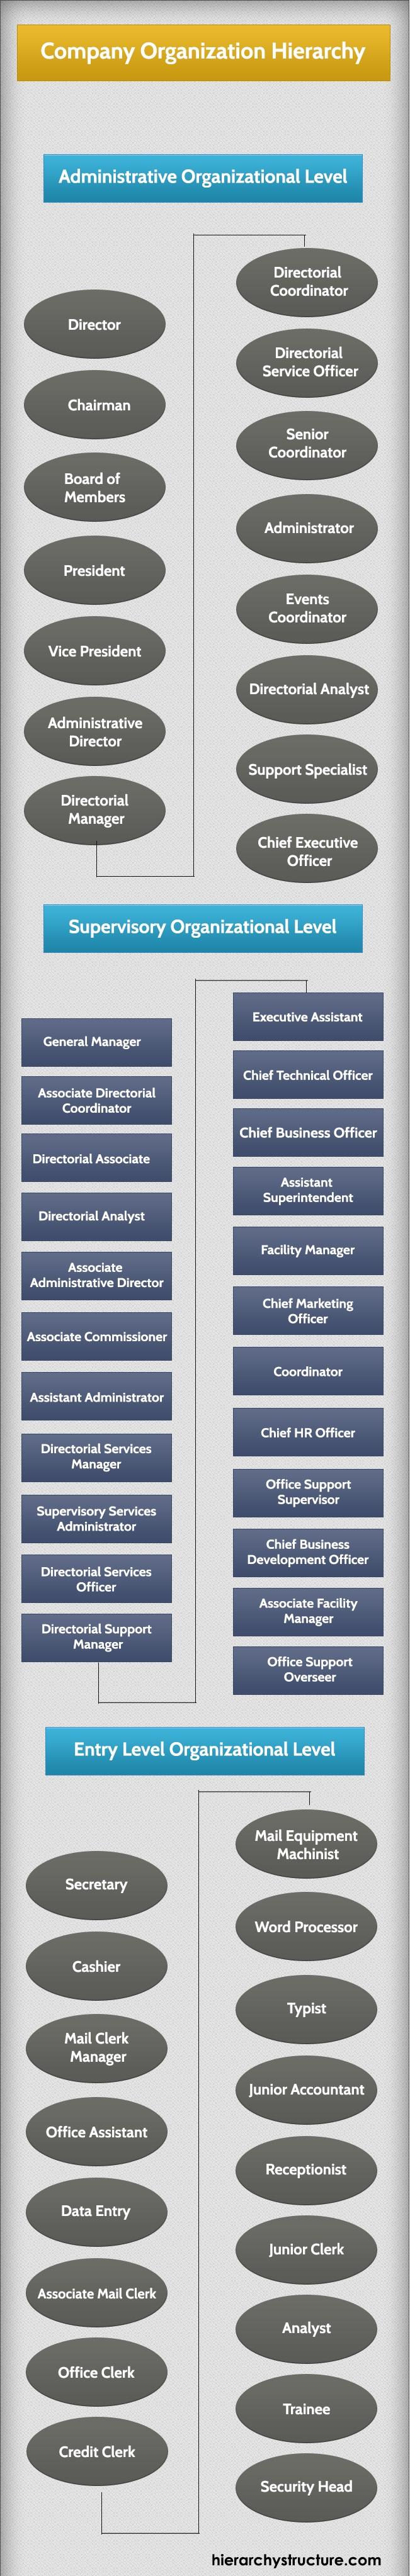 Company Organization Hierarchy